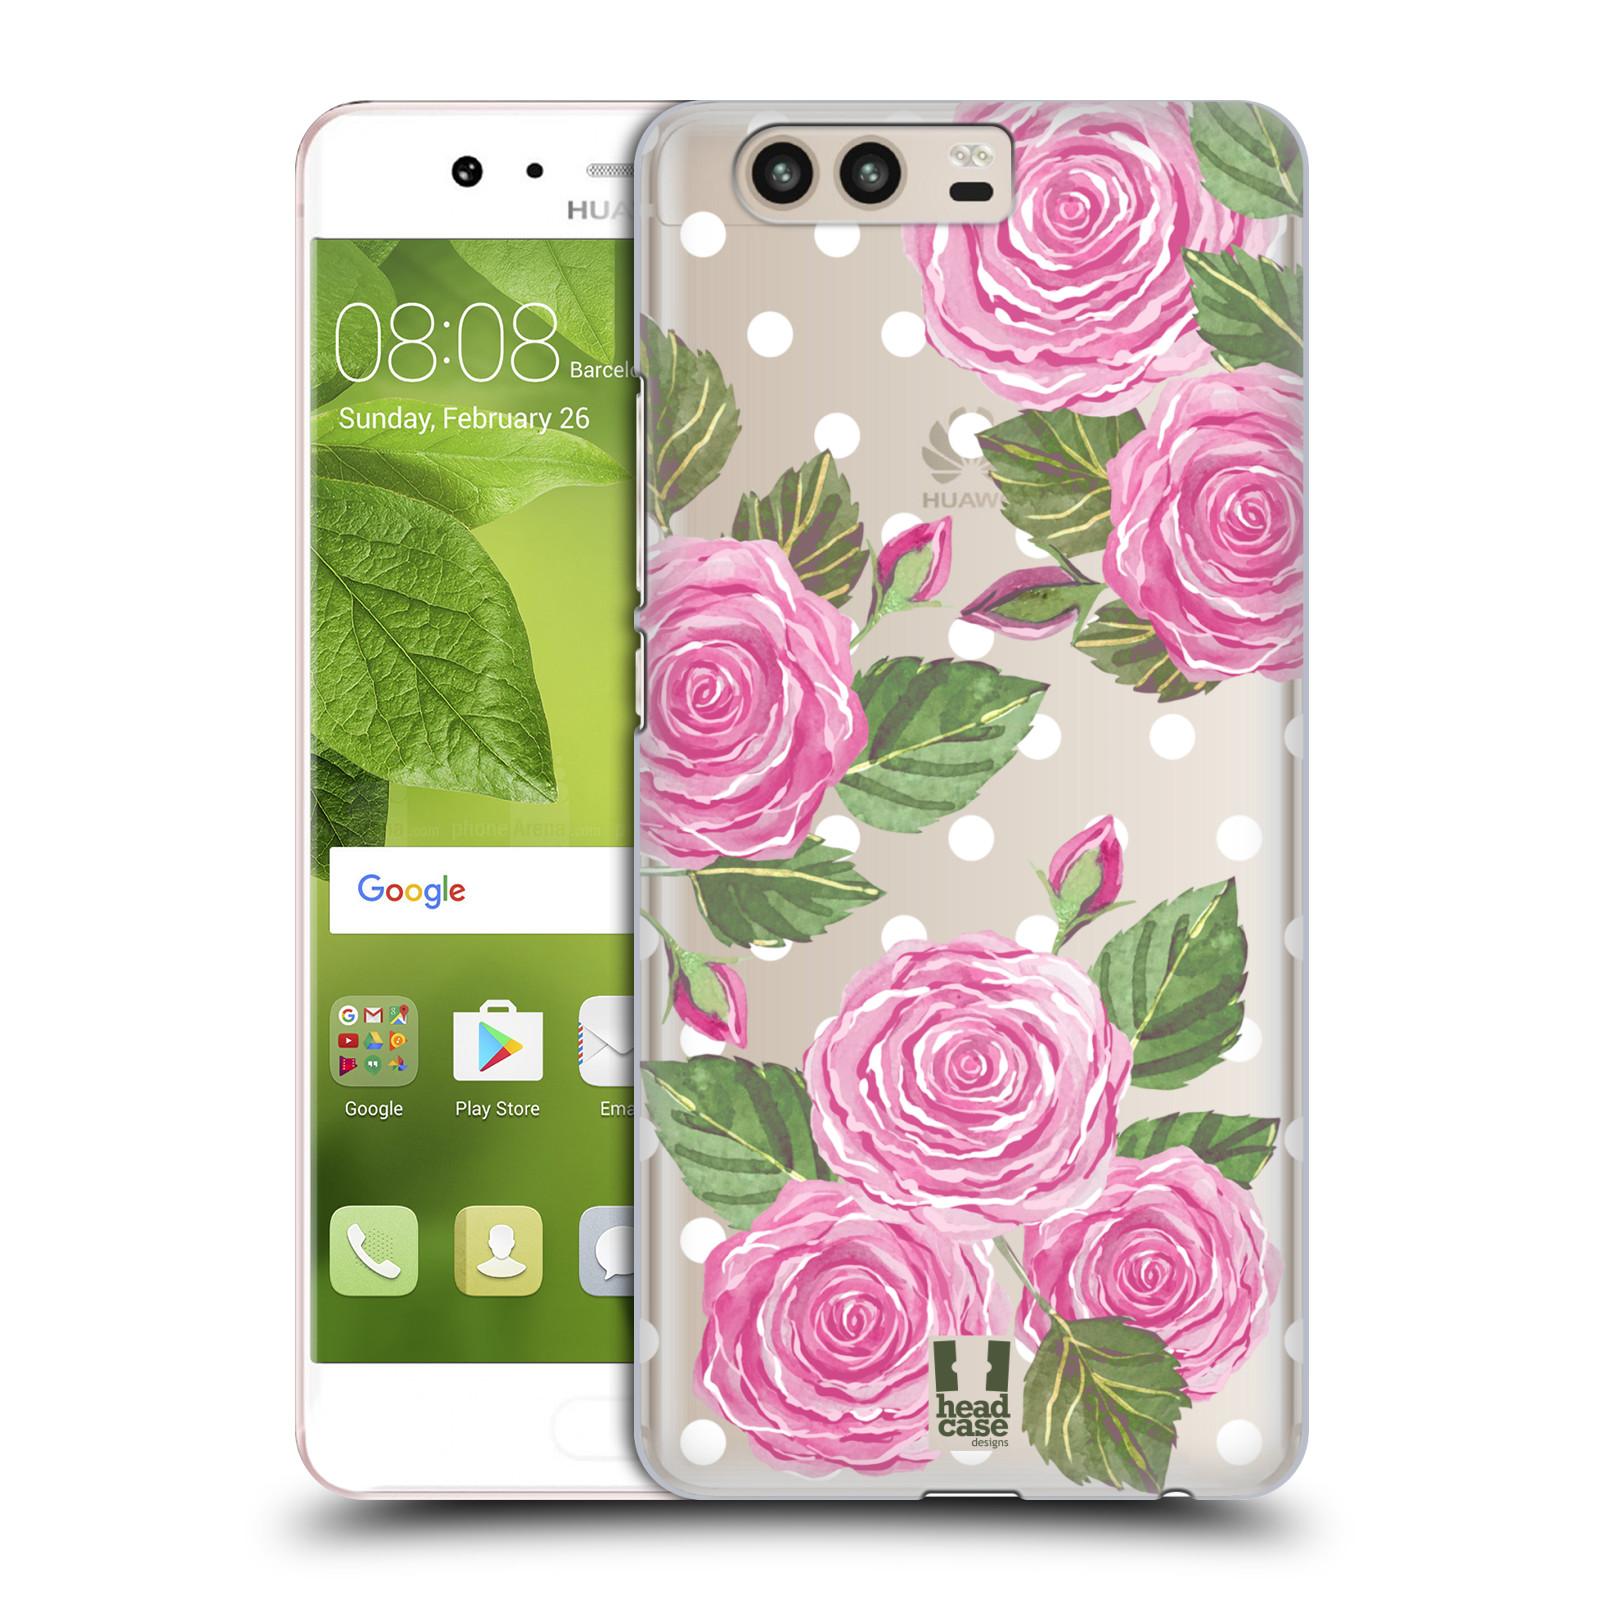 Plastové pouzdro na mobil Huawei P10 - Head Case - Hezoučké růžičky - průhledné (Plastový kryt či obal na mobilní telefon s motivem Hezkých růžiček pro Huawei P10 (Dual SIM))